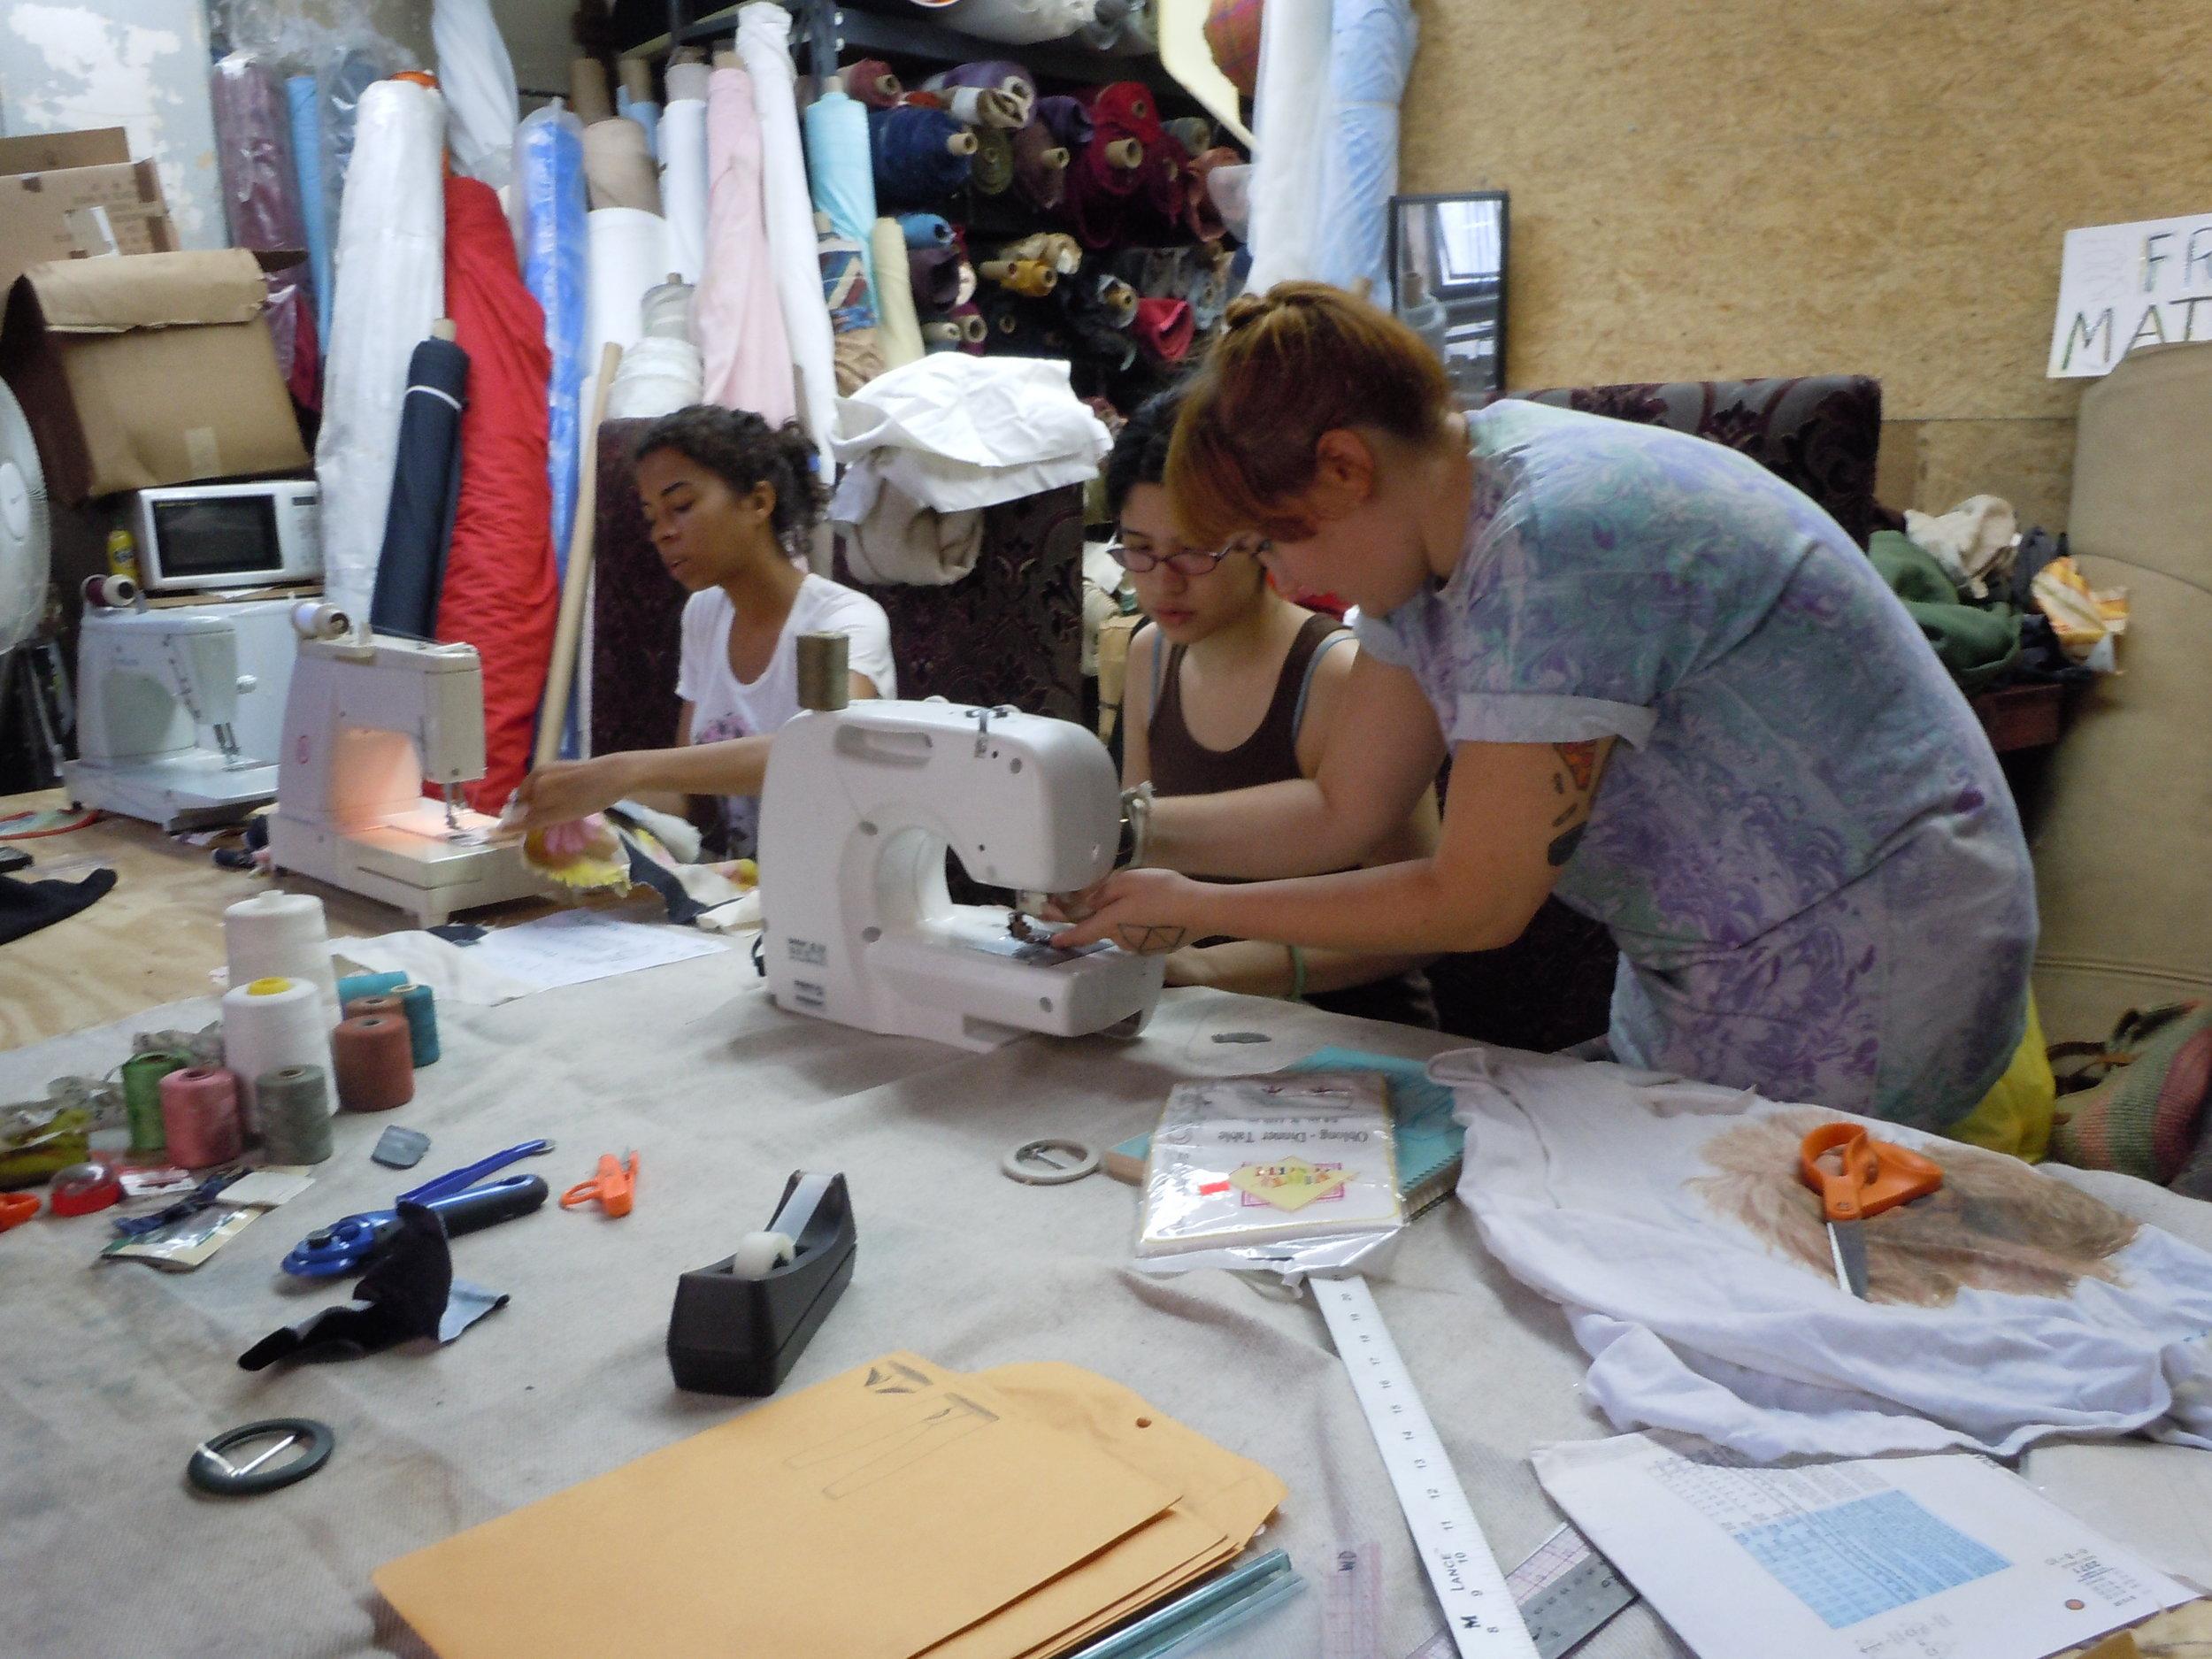 sewing_5064015326_o.jpg